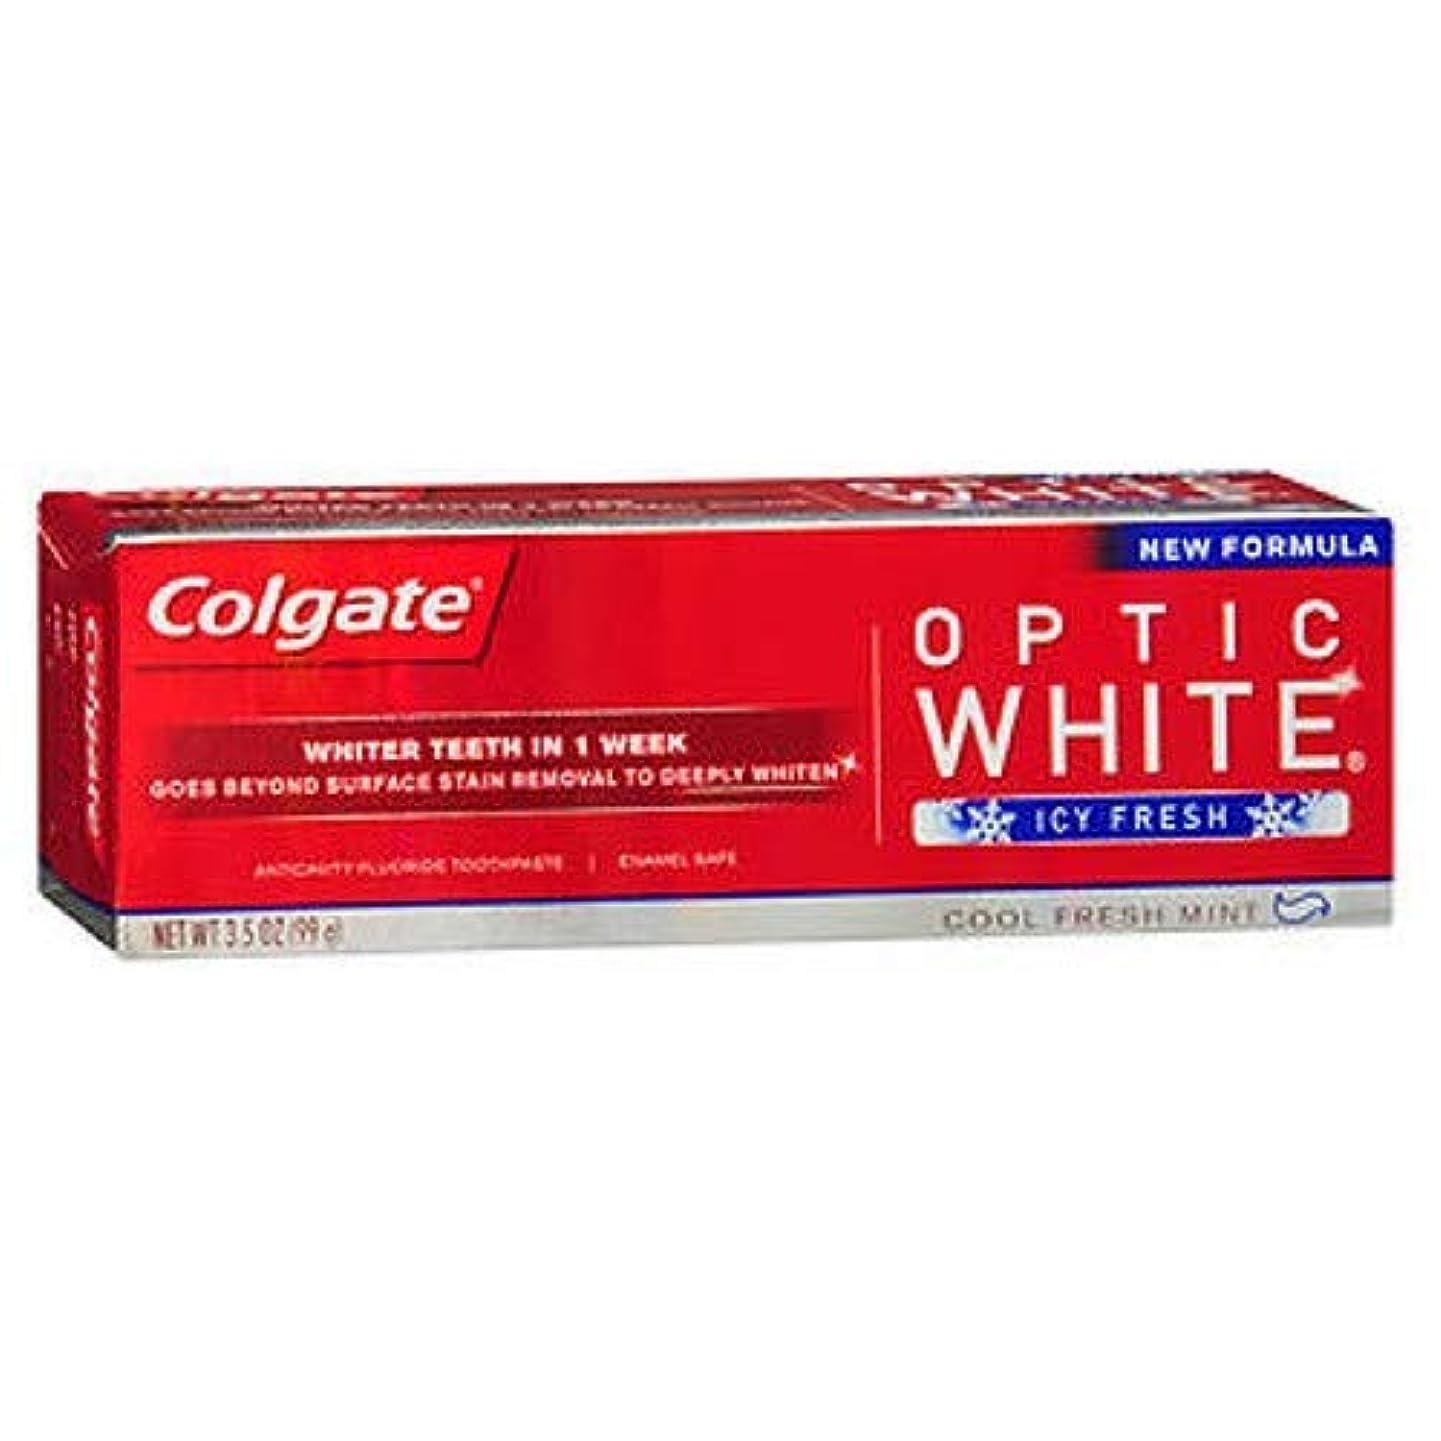 乞食スナップ配分Colgate Optic White コルゲート Icy Fresh アドバンス ホワイトニング 99g